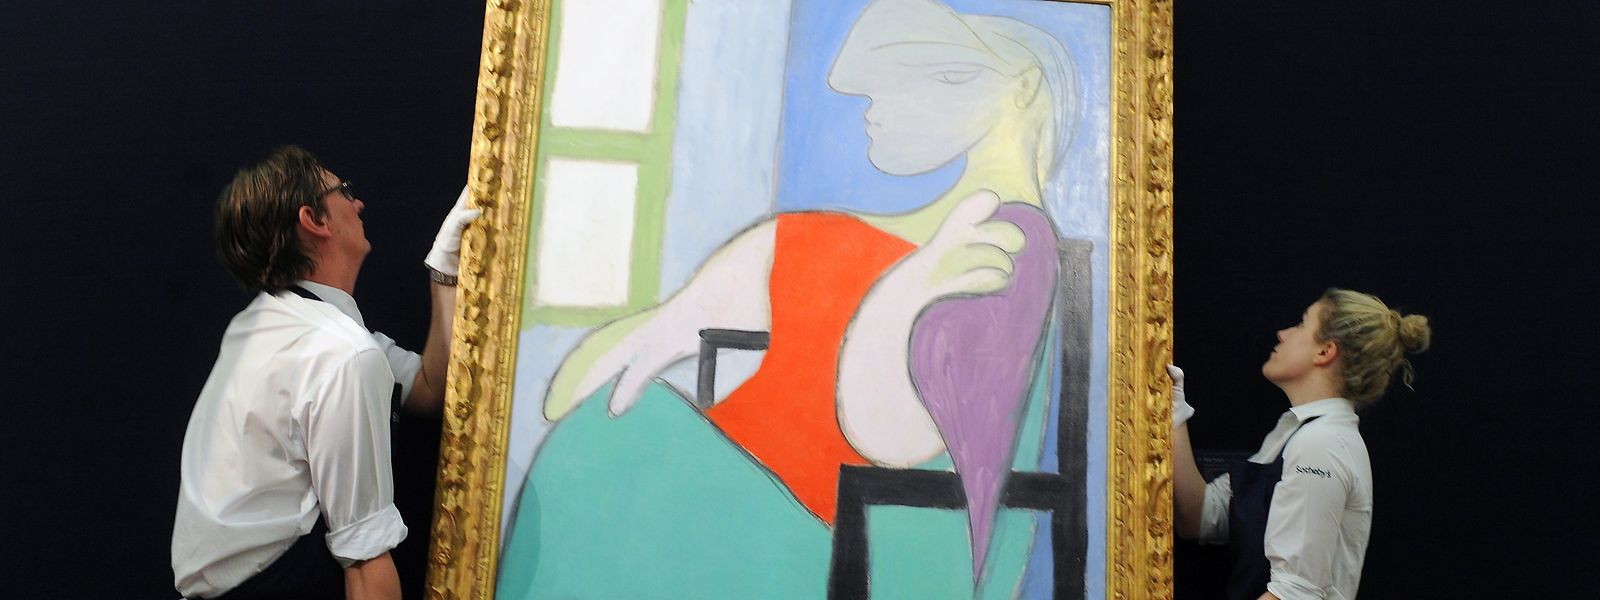 Mitglieder des Auktionshauses Sotheby's hängen das Gemälde von Pablo Picasso auf.